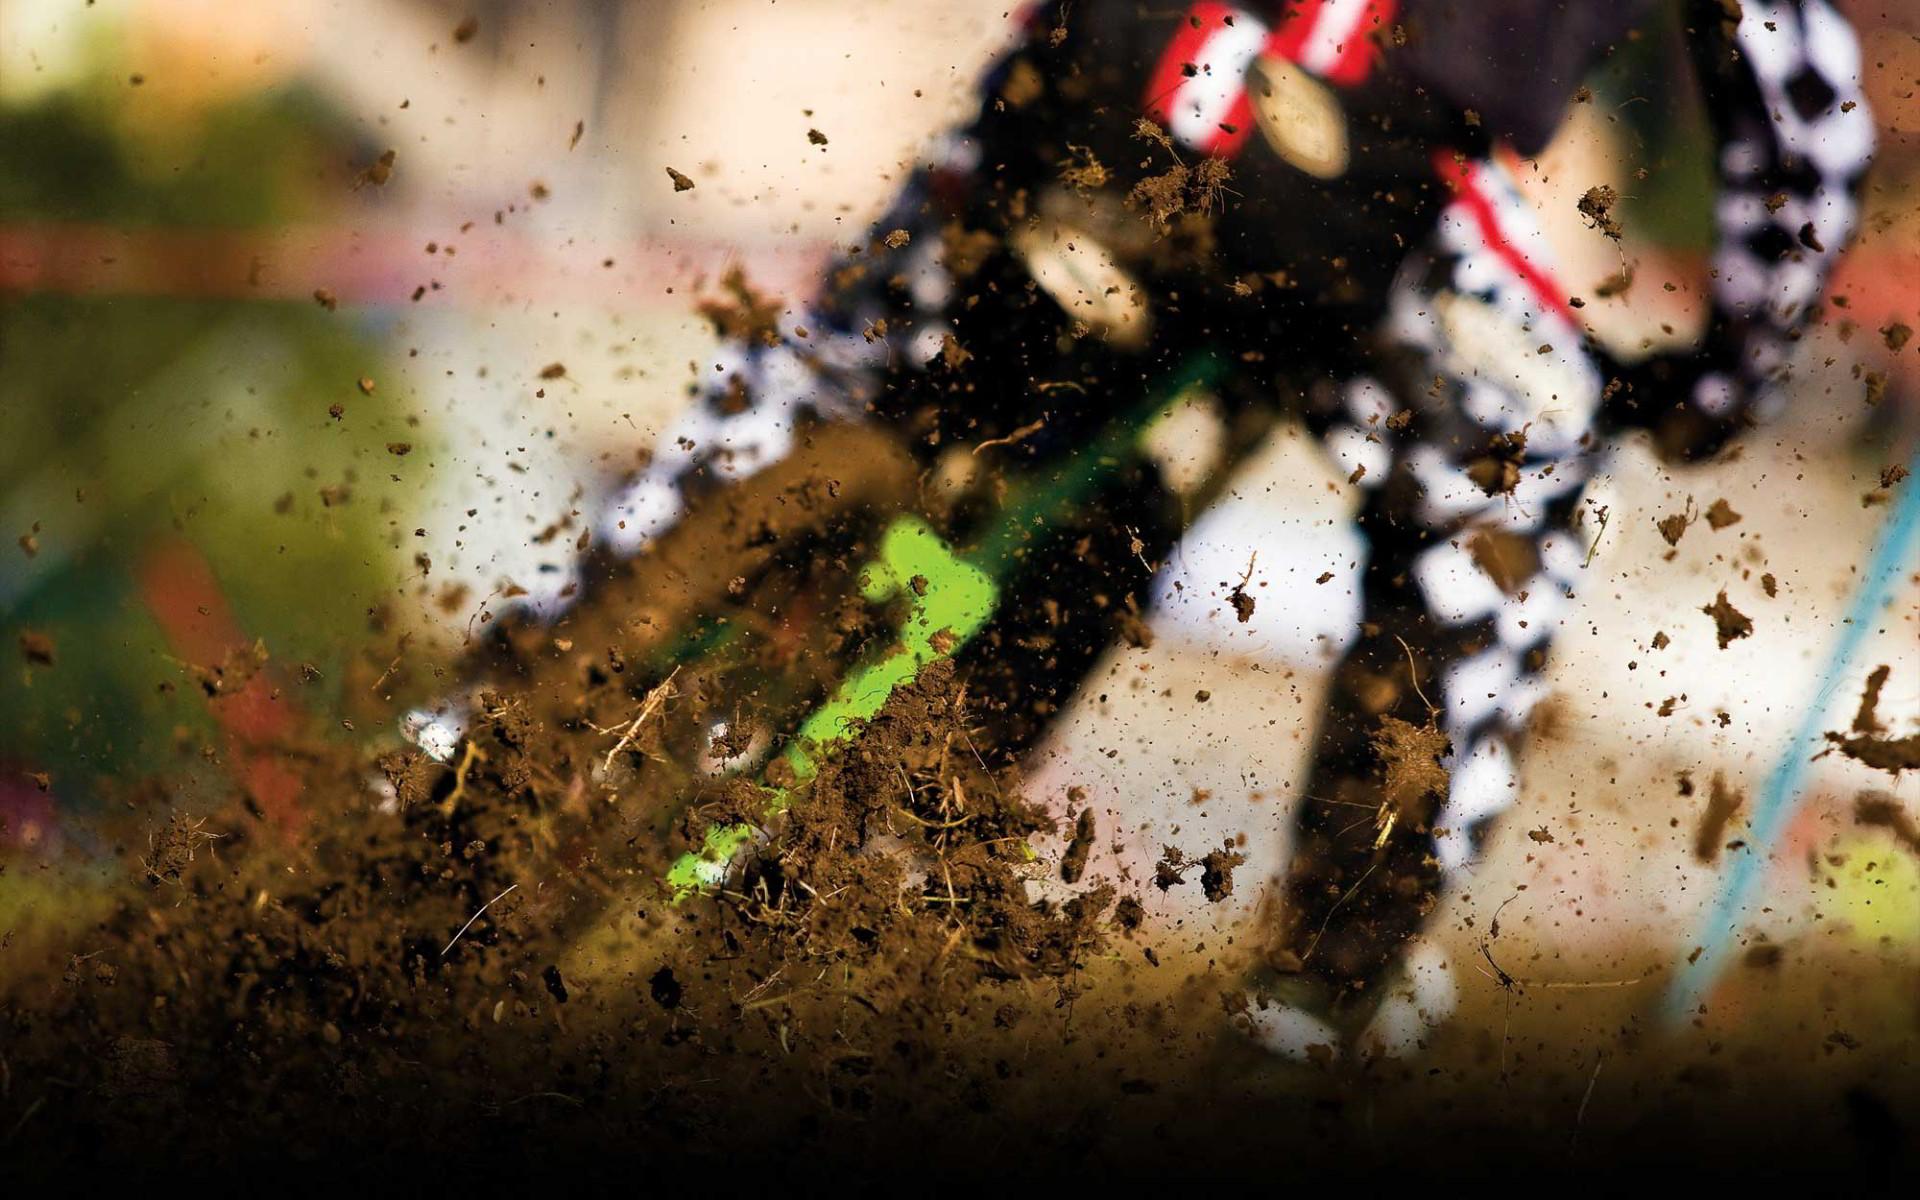 motocross dirt hd